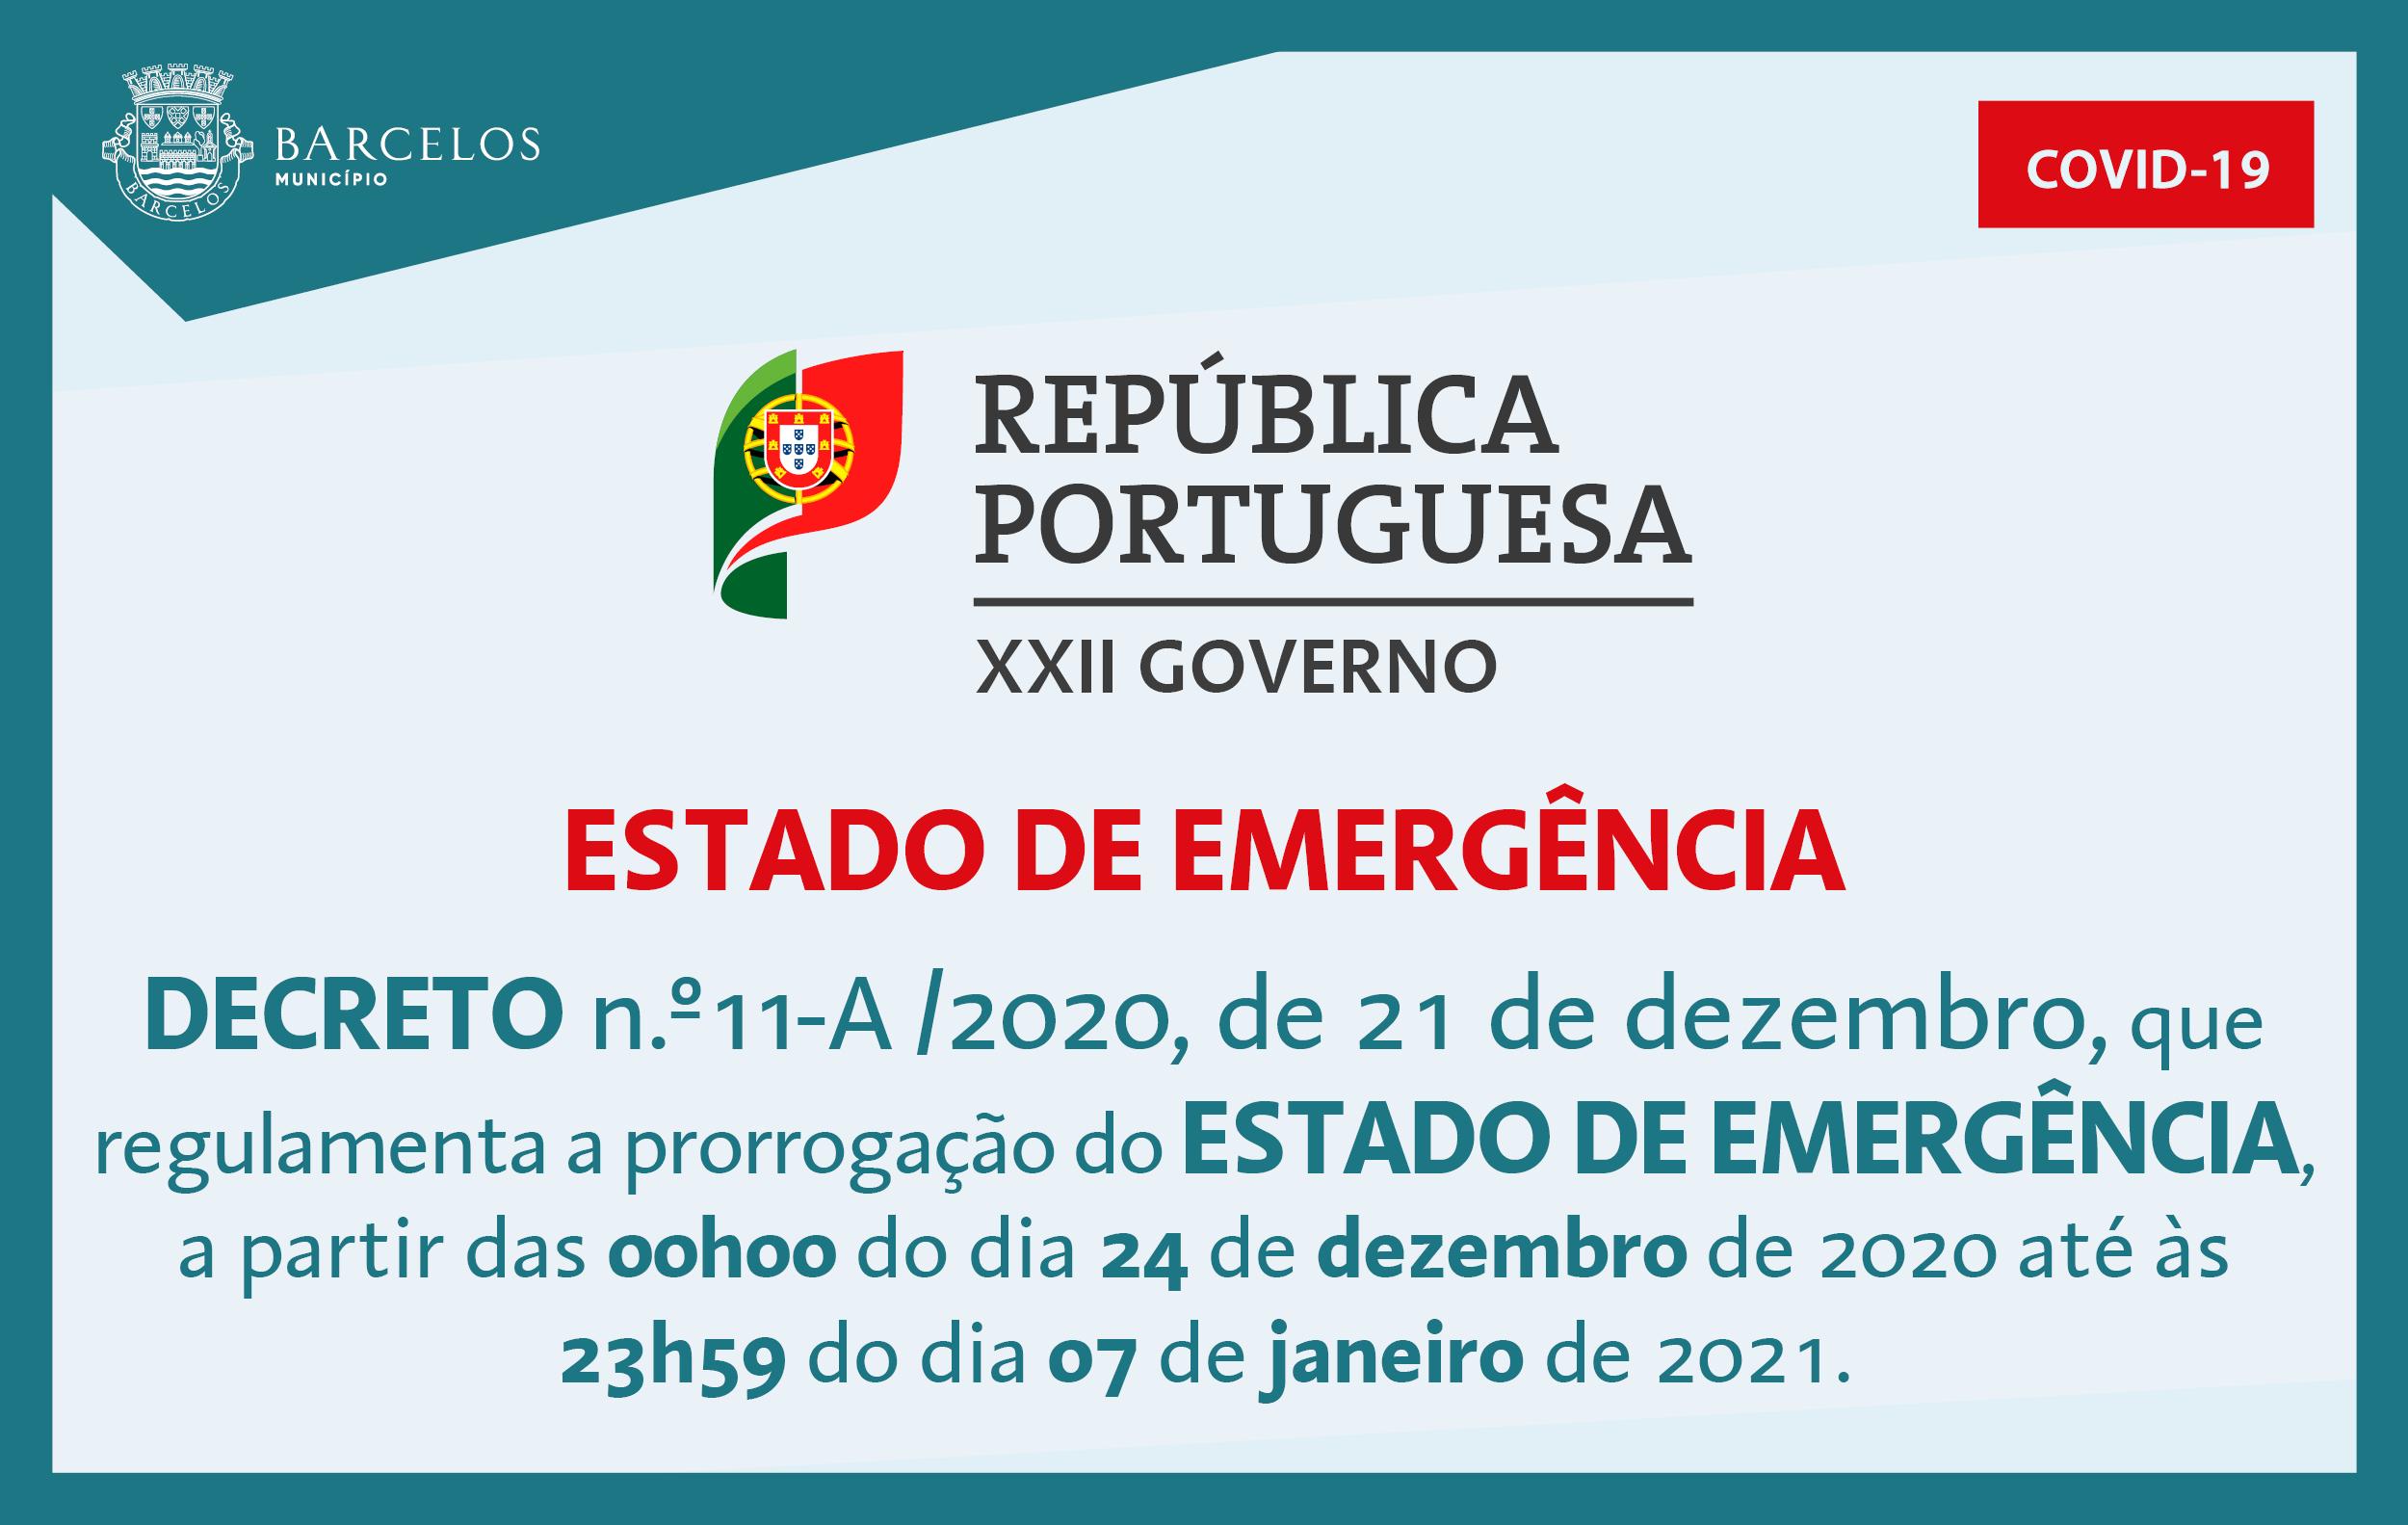 Decreto n.º11-A/2020, de 21 de dezembro, que regulamenta a prorrogação do Estado de Emergência